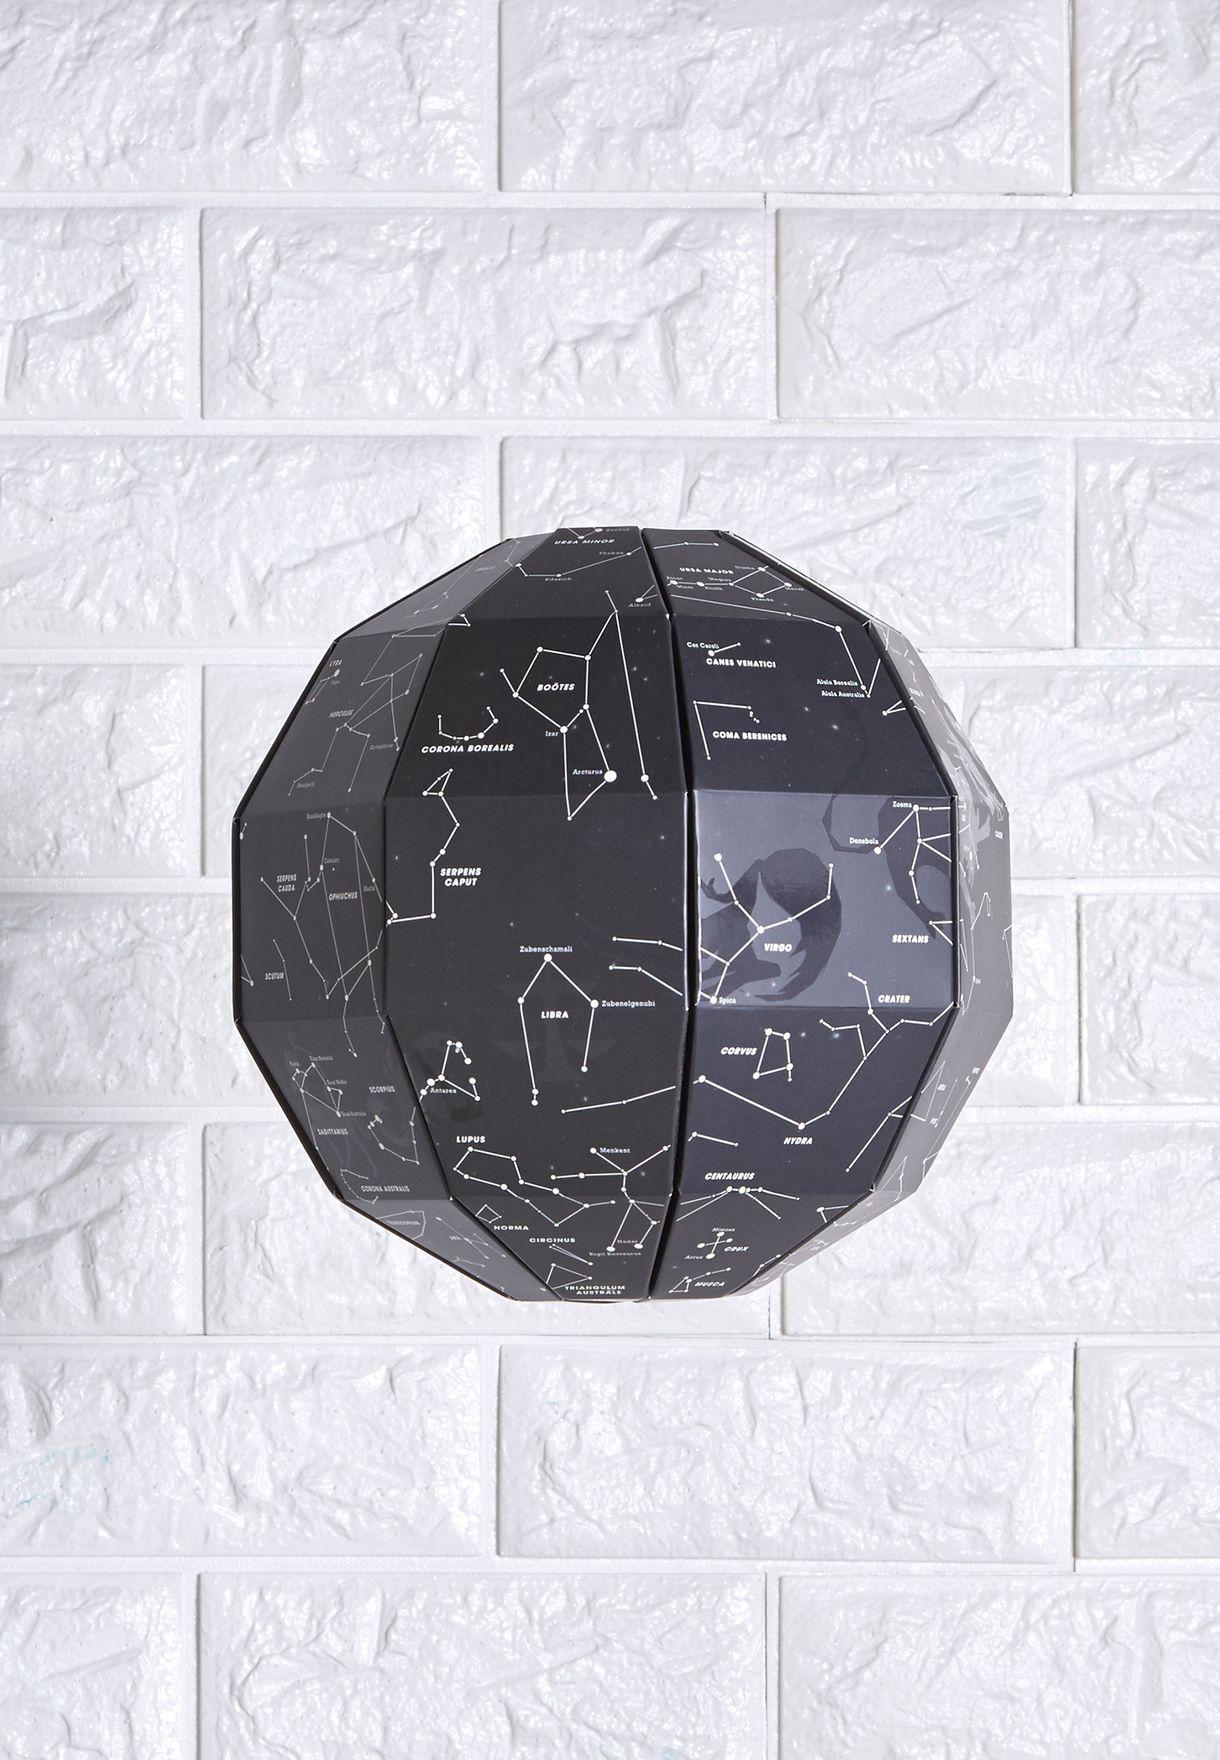 خريطة ثلاثية الابعاد تضيء في الظلام